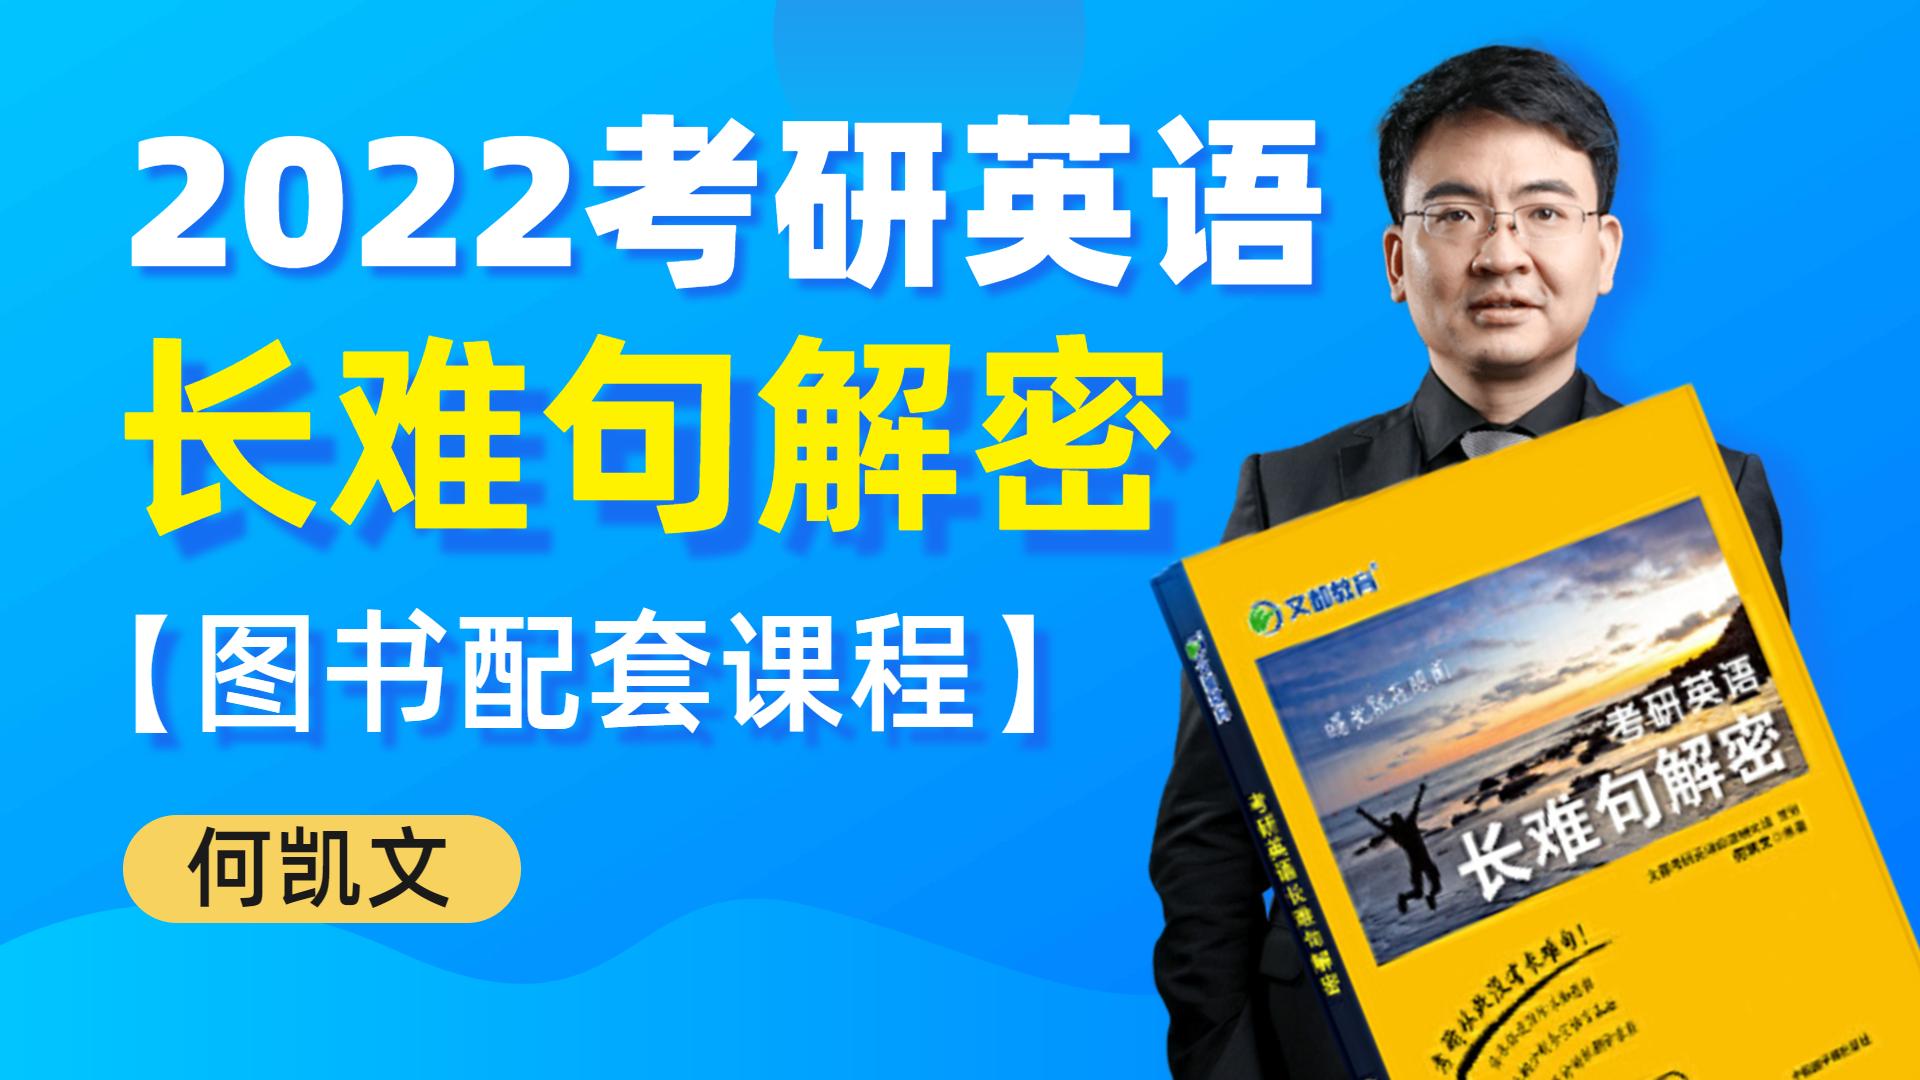 2022考研英语-何凯文长难句解密【图书配套课程】